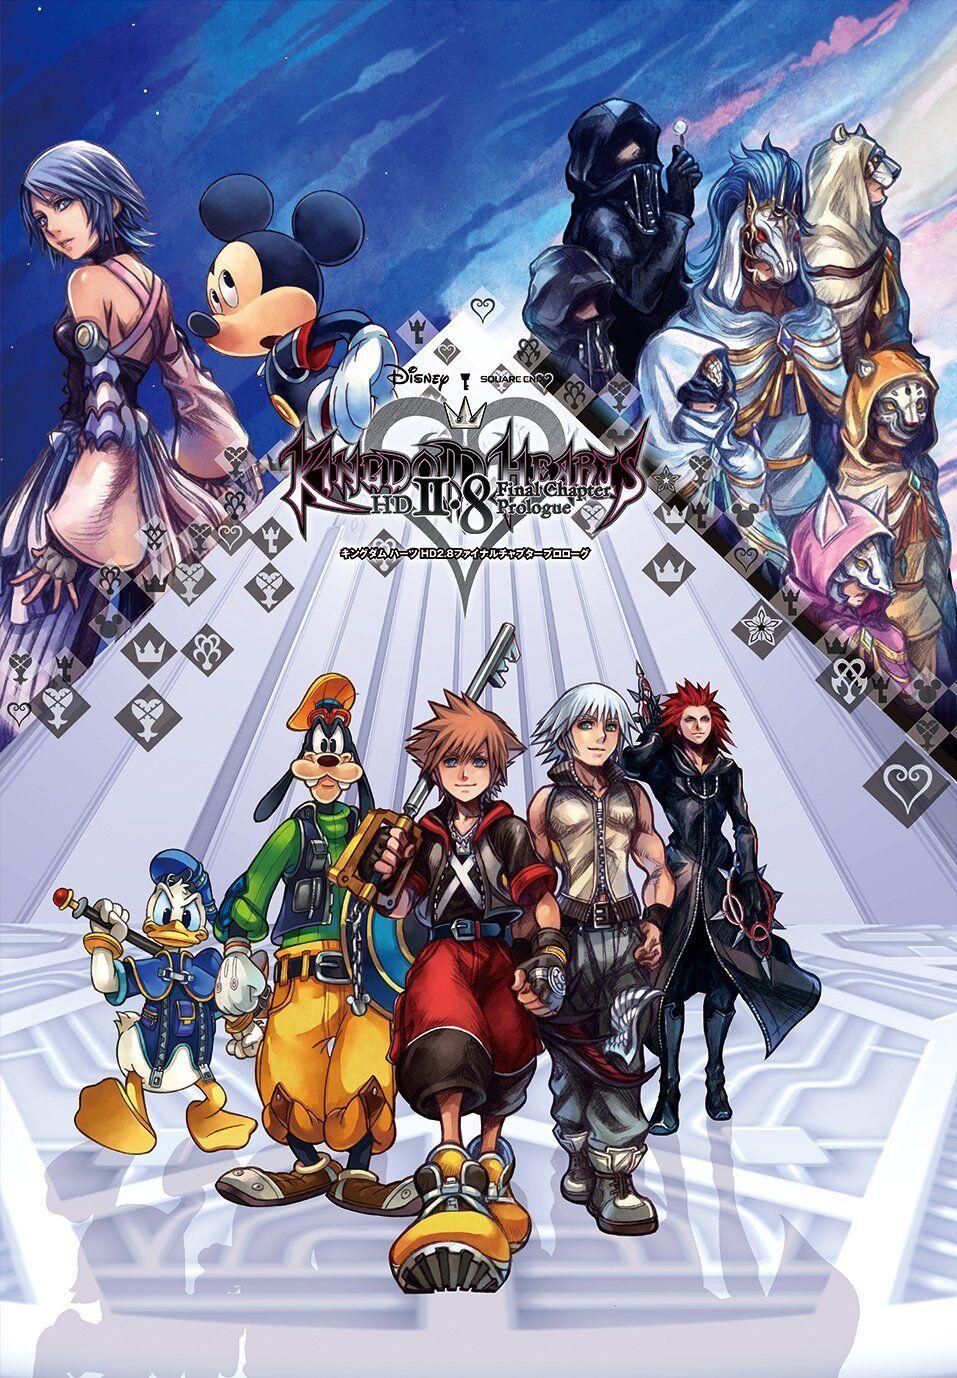 1000 Pièce Jigsaw Kingdom Hearts  HD 2.8 chapitre final Prologue (51 x 73.5 CM)  présentant toutes les dernières mode de la rue haute